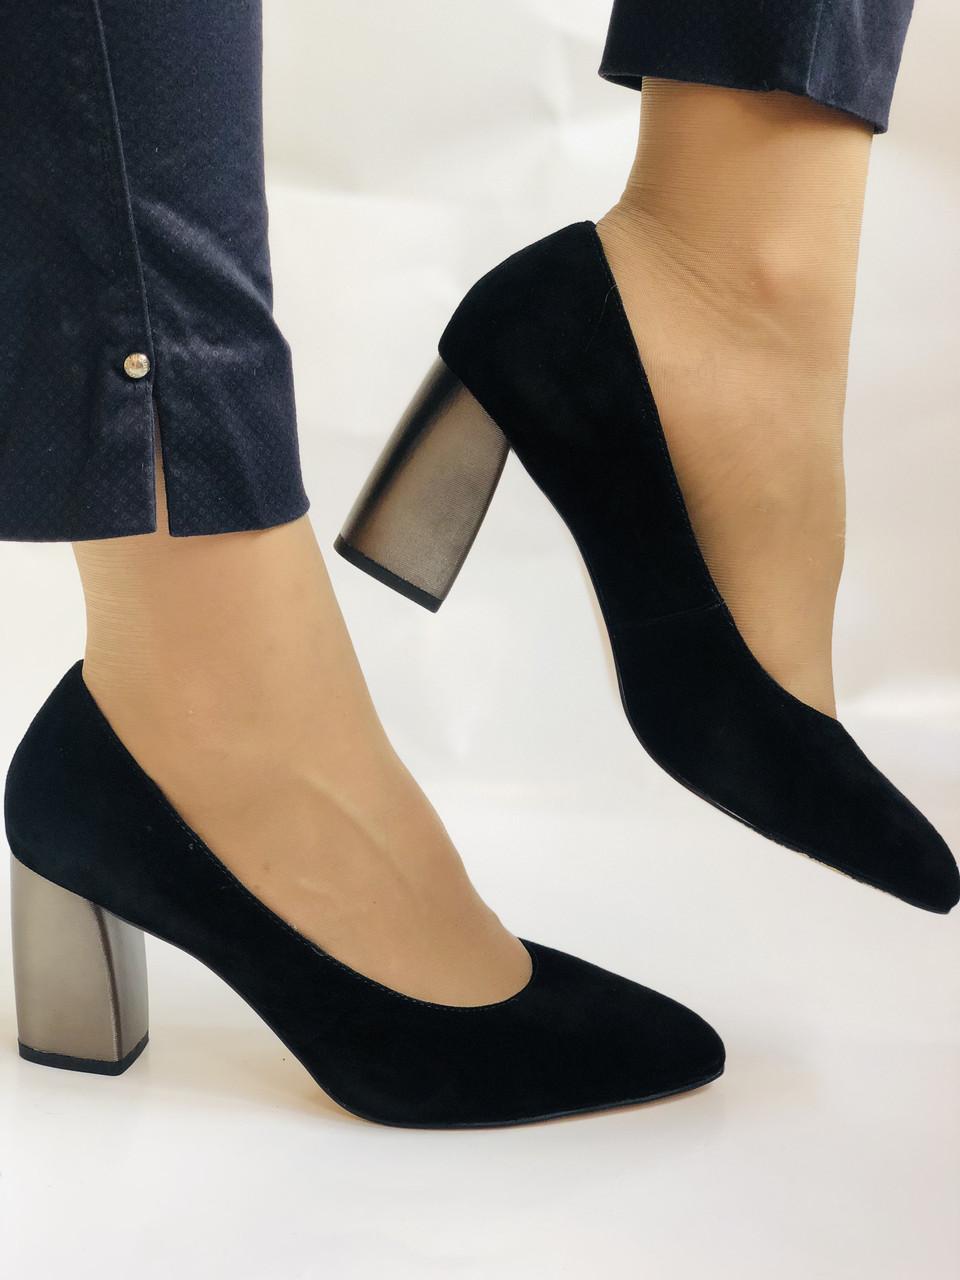 Женские модельные туфли-лодочки высокого качества. Натуральная замша. Цвет черный Рolann. Супер комфорт35-40